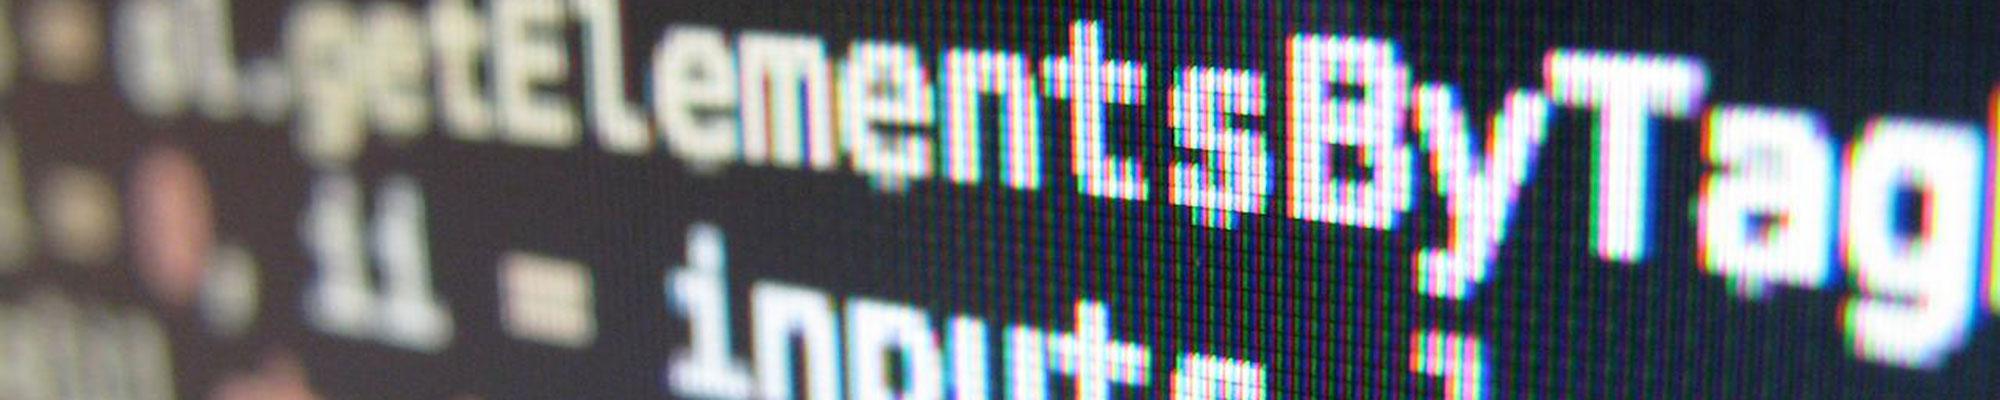 CodeActually: Interactive JavaScript